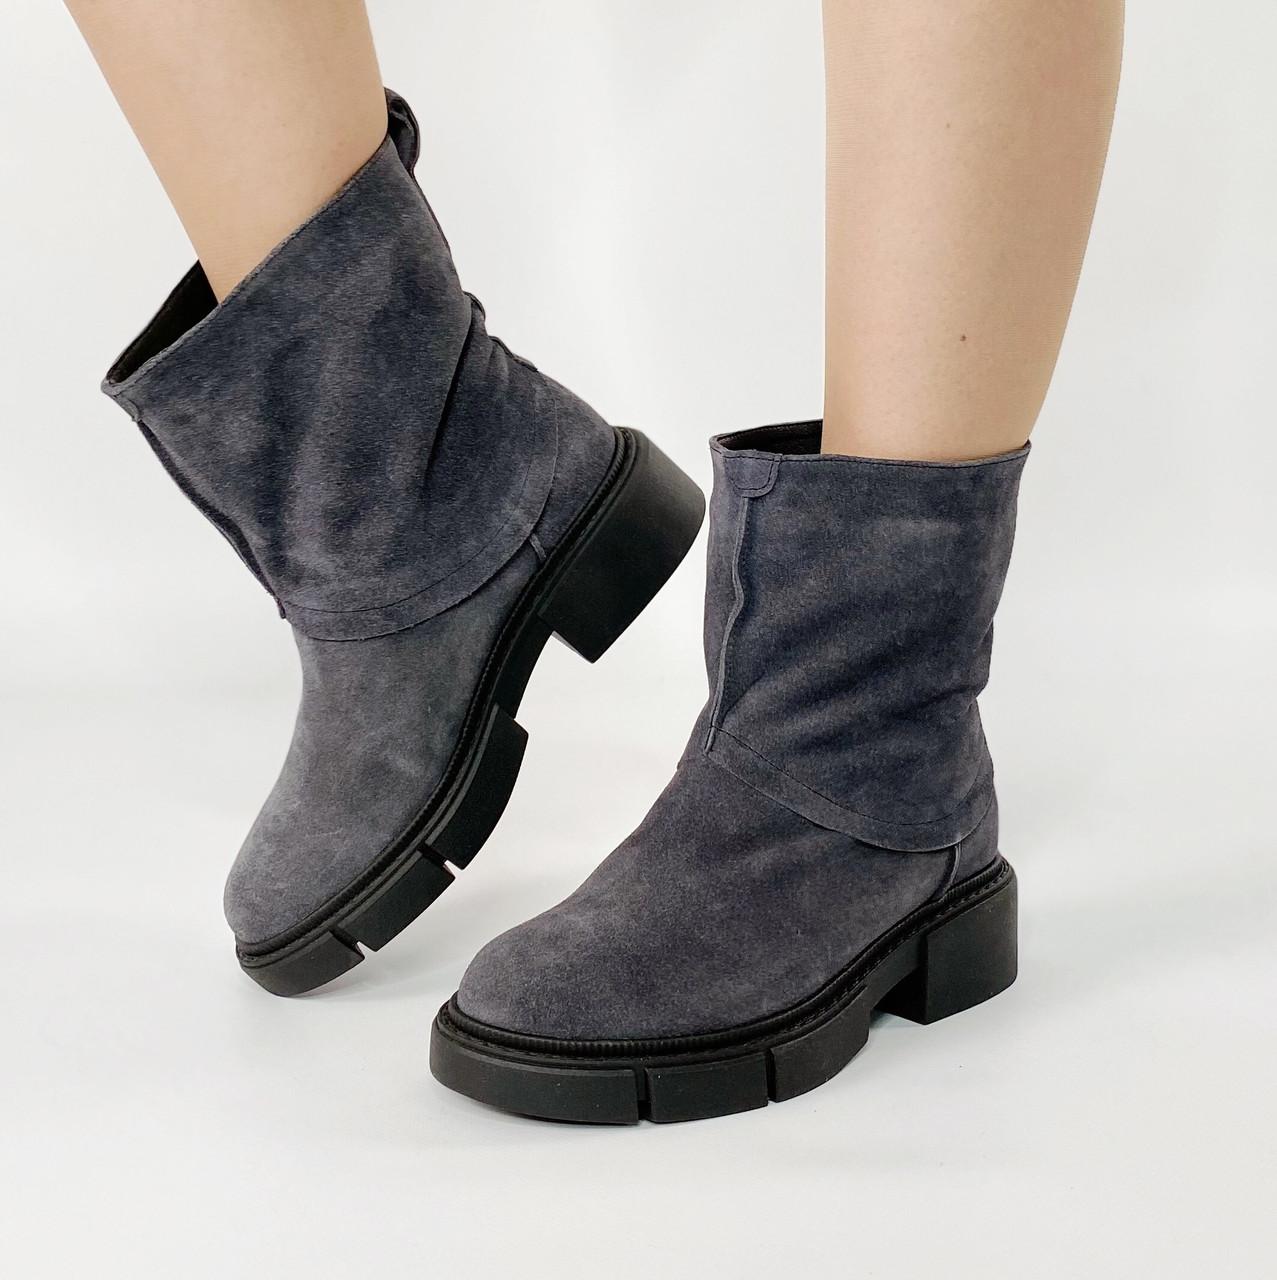 Ботинки стильные женские замшевые серые без застежки MORENTO зимние